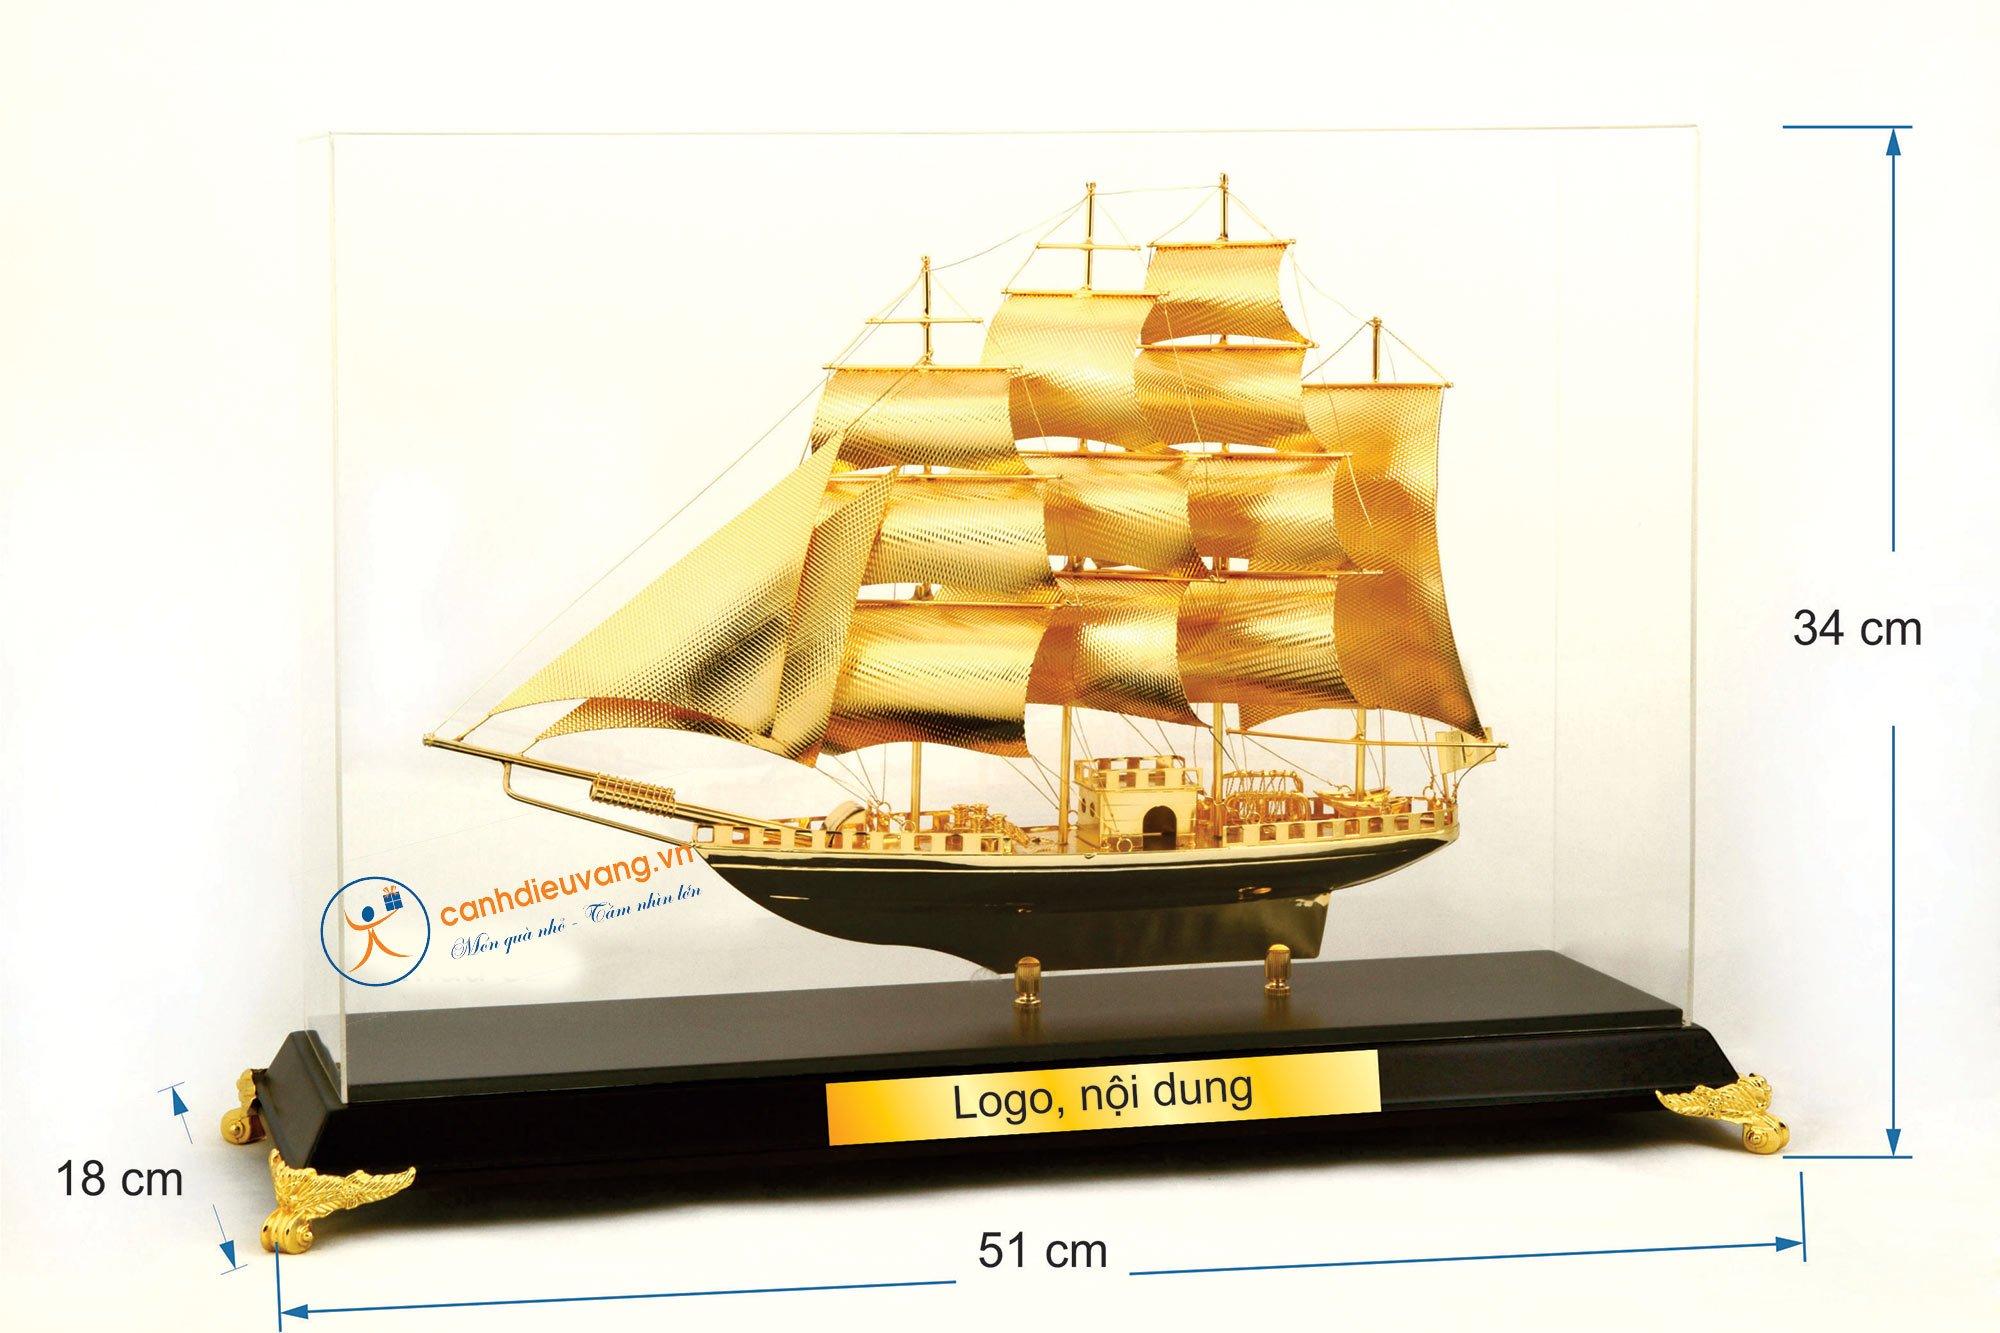 Thuyền buồm mạ vàng cỡ đại 53